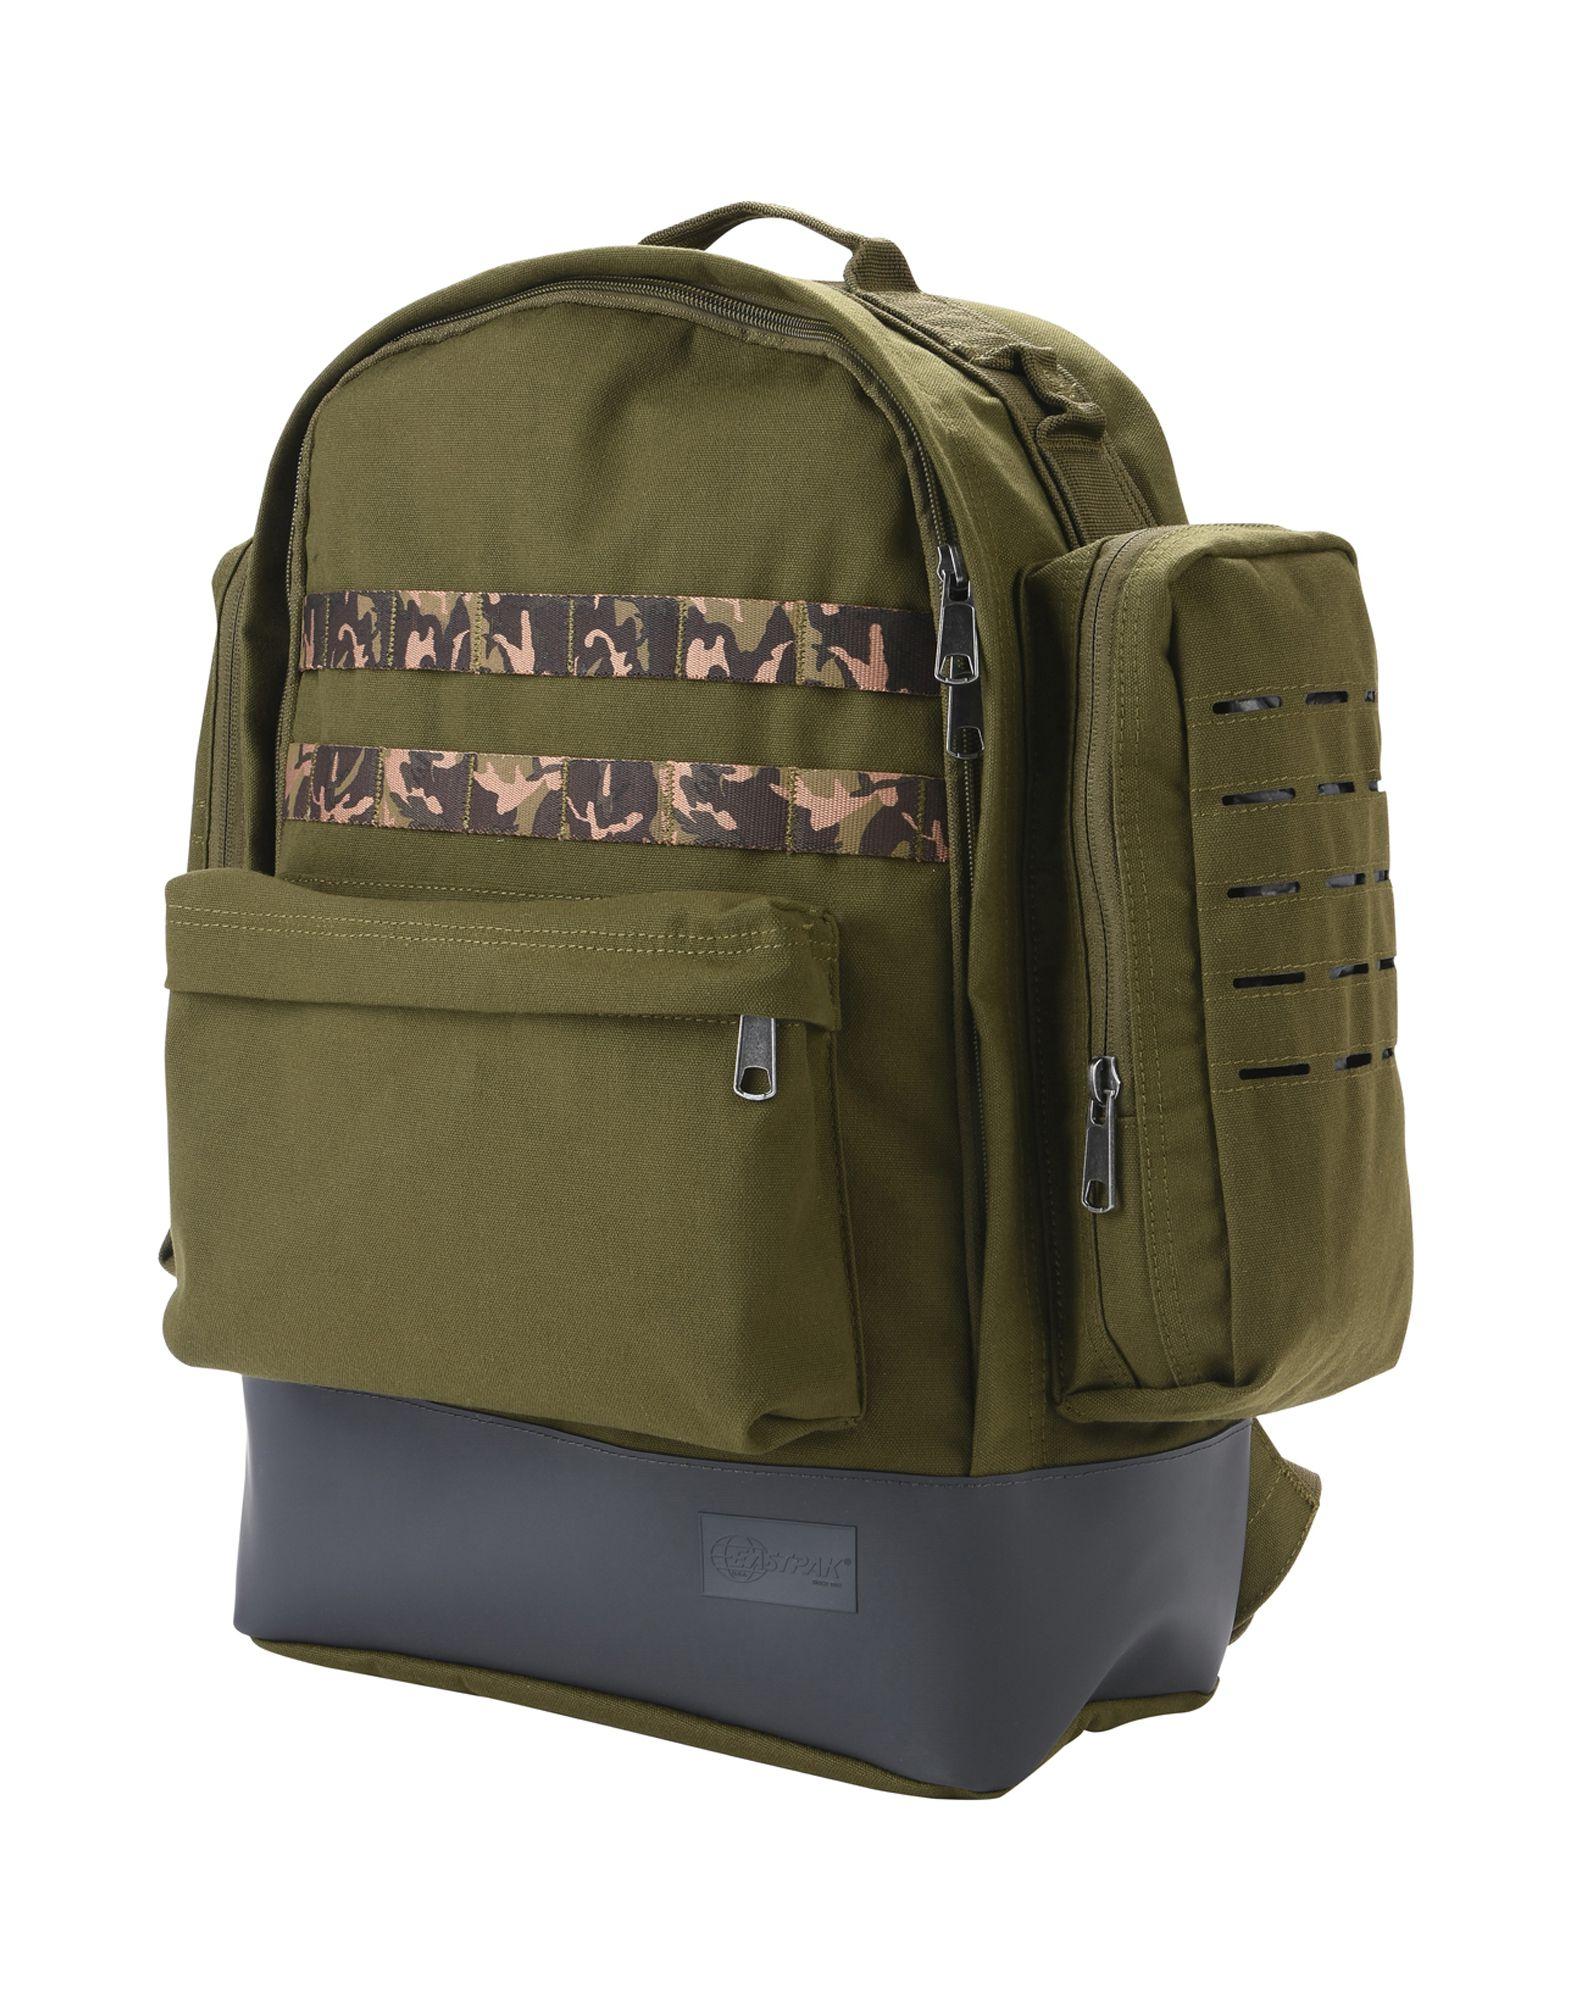 EASTPAK Рюкзаки и сумки на пояс ноутбук рюкзак 3d пузырь галактики печати рюкзаки большой емкости отдыха сумки